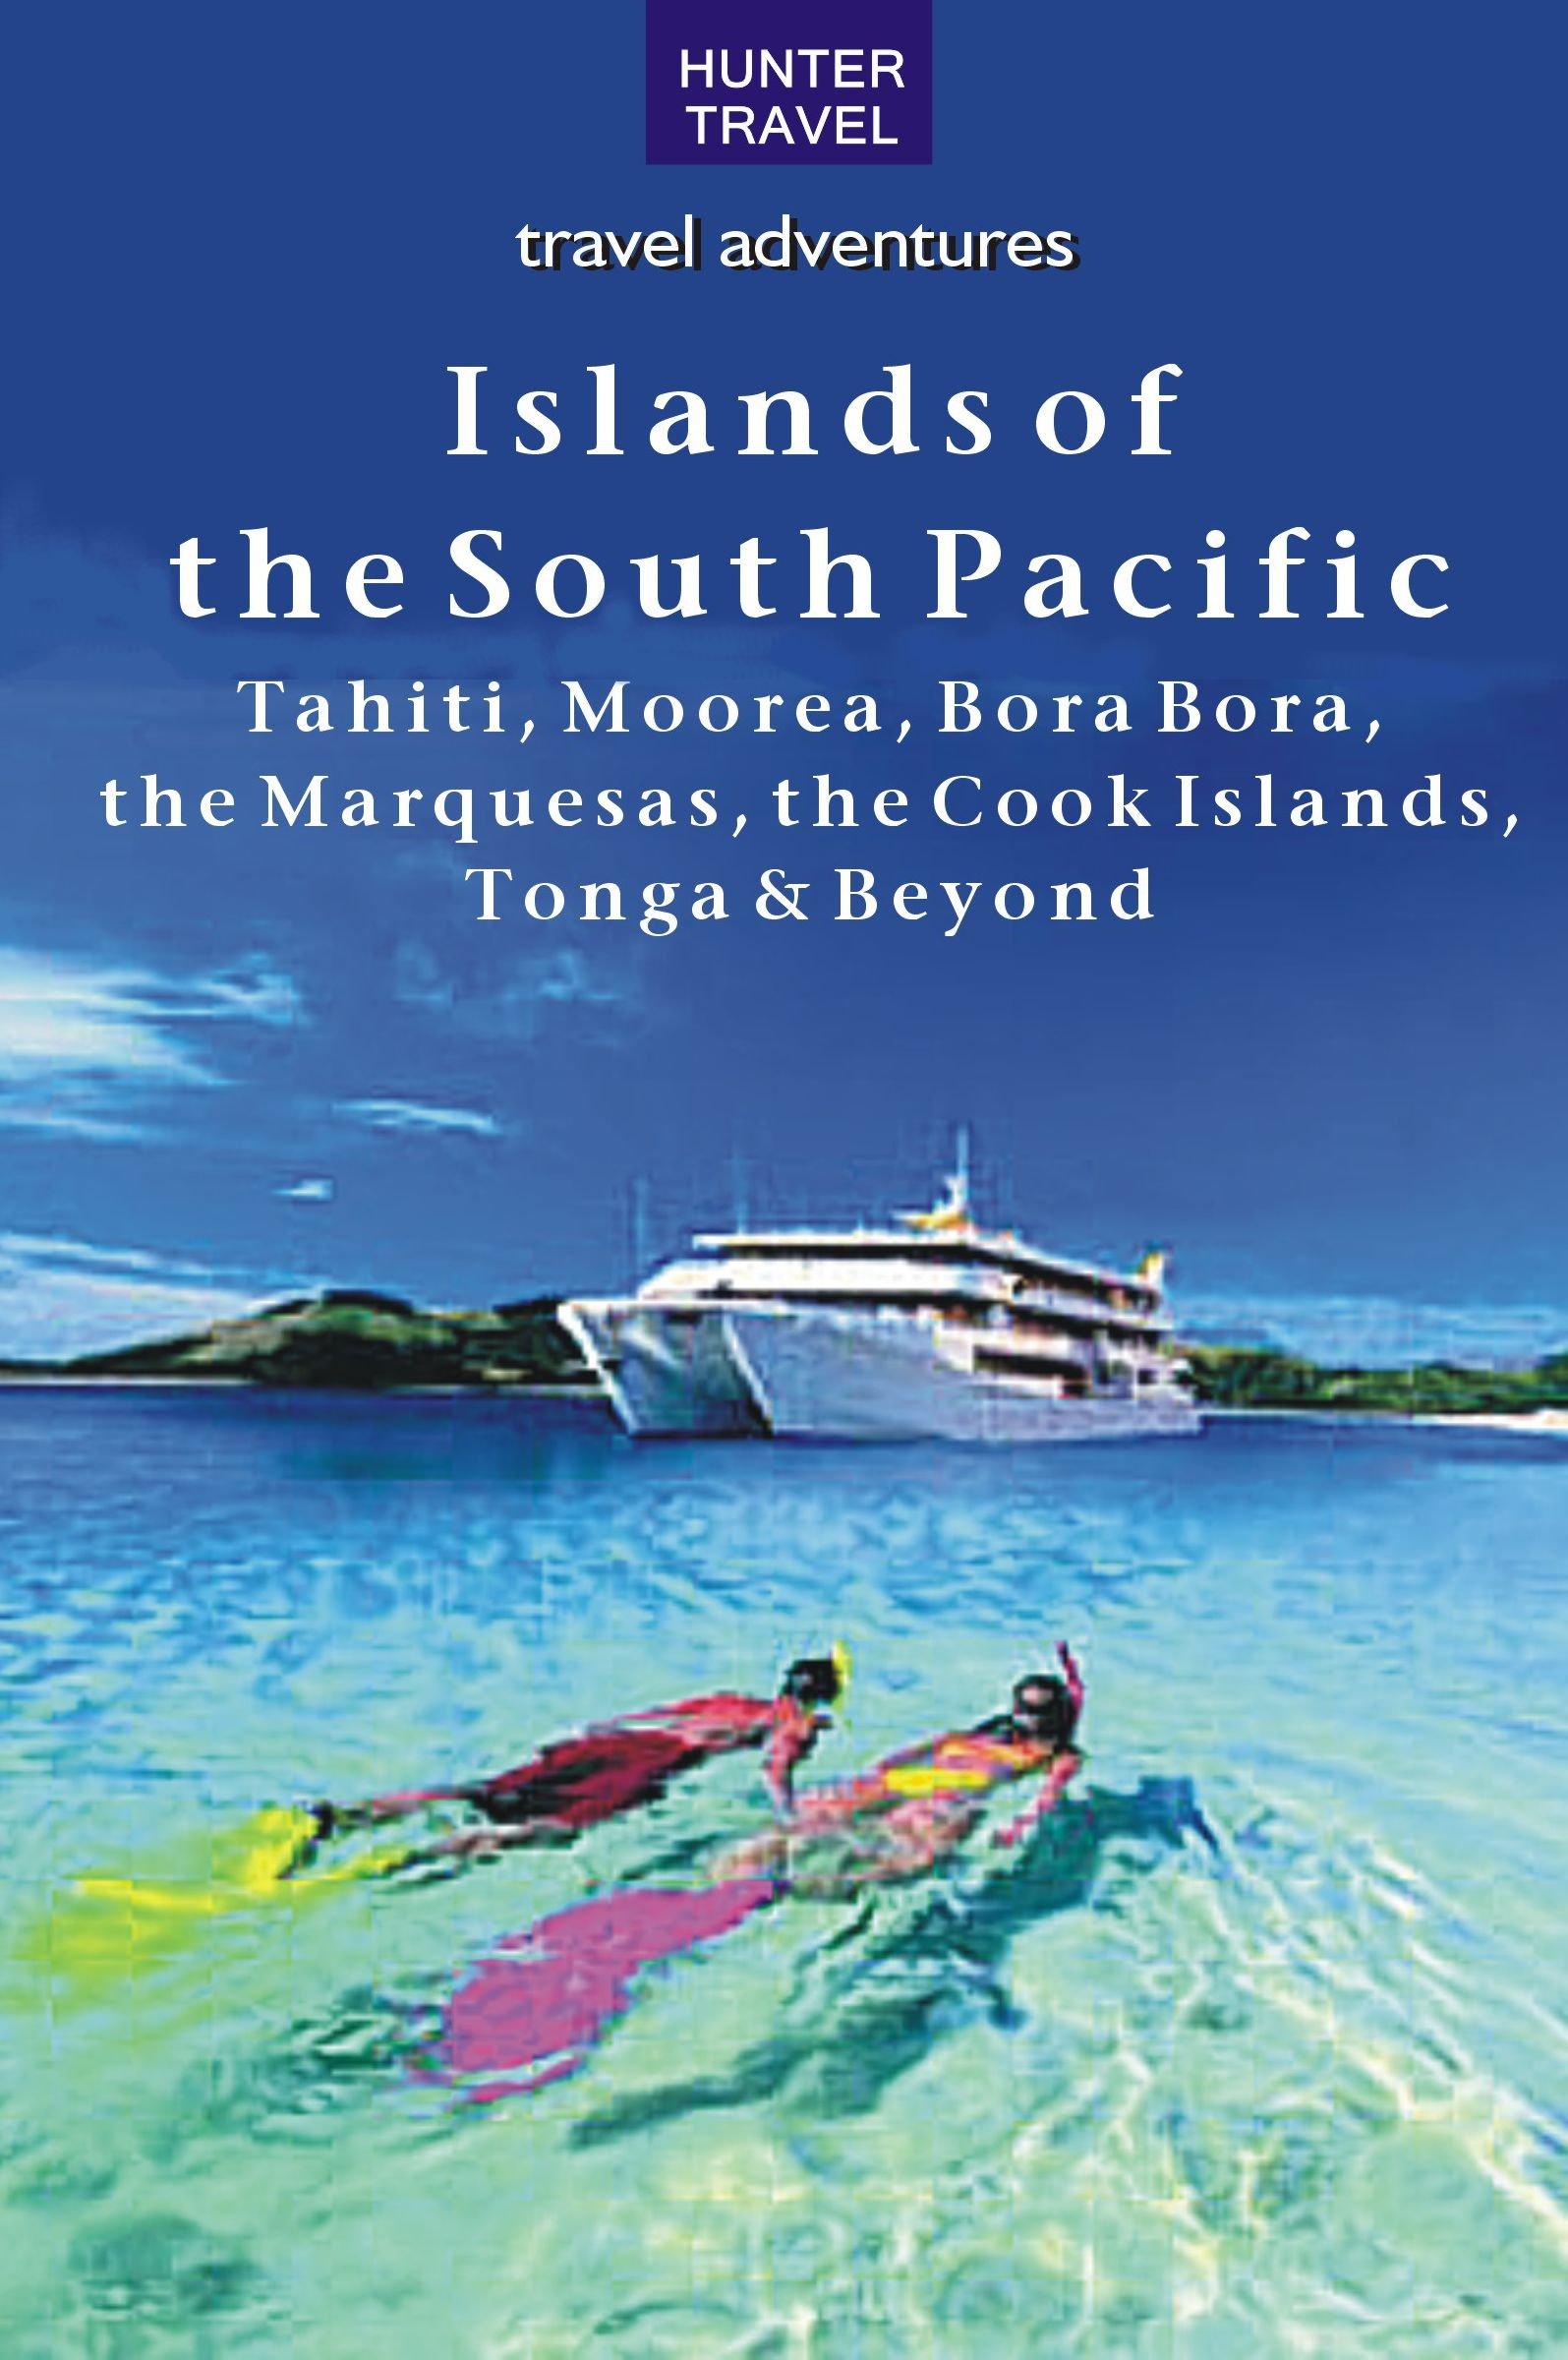 Guía de viajes Isla Tahiti, hoteles y ofertas de viajes